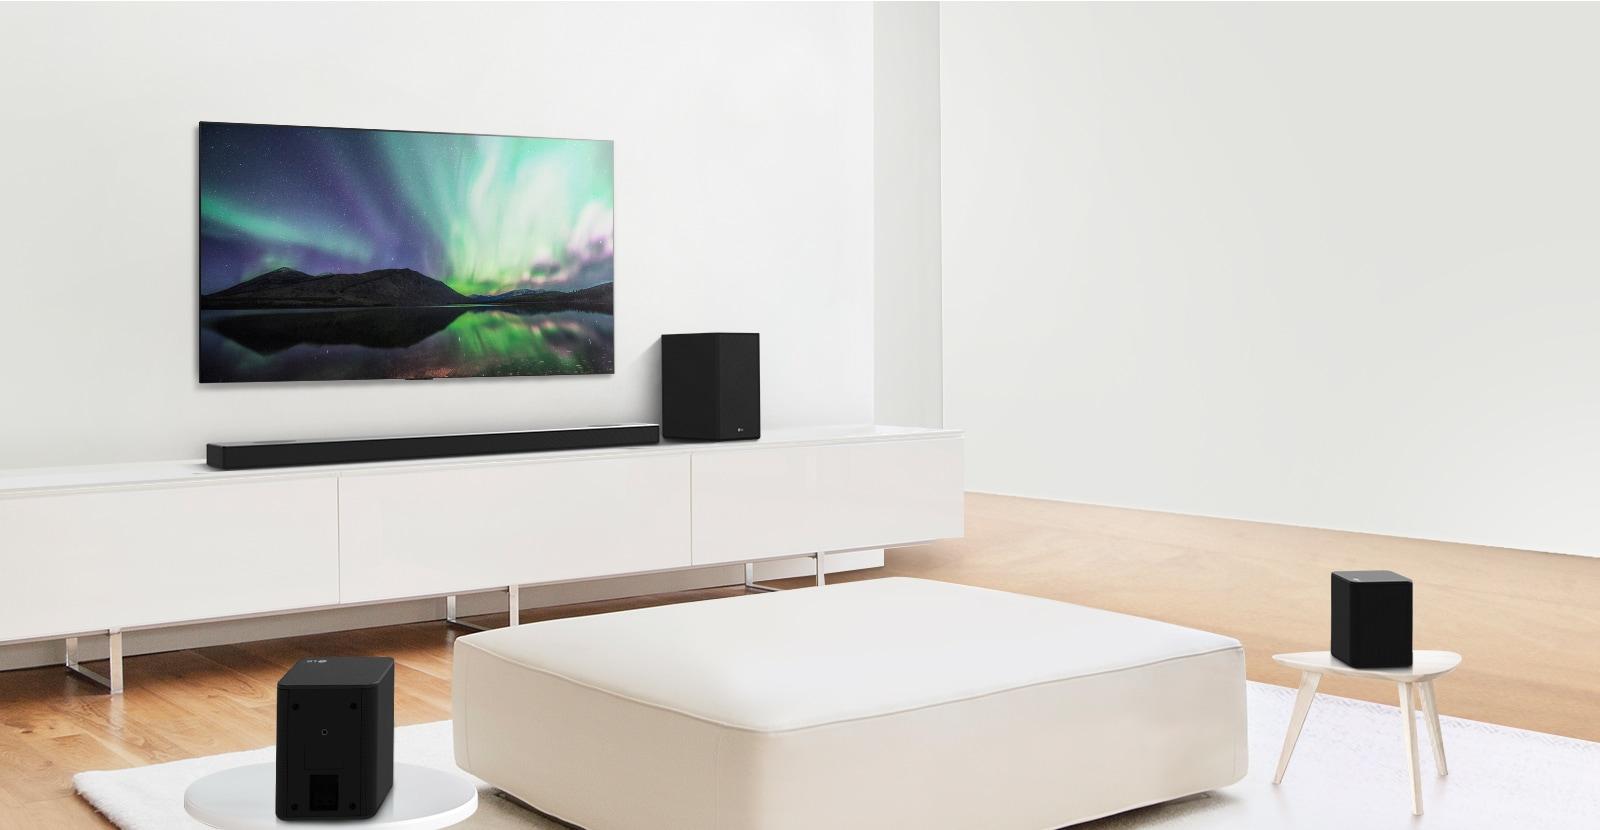 พรีวิววิดีโอที่กำลังแสดงภาพ LG Soundbar ในห้องนั่งเล่นสีขาวที่มีการติดตั้ง 7.1.2 ช่อง